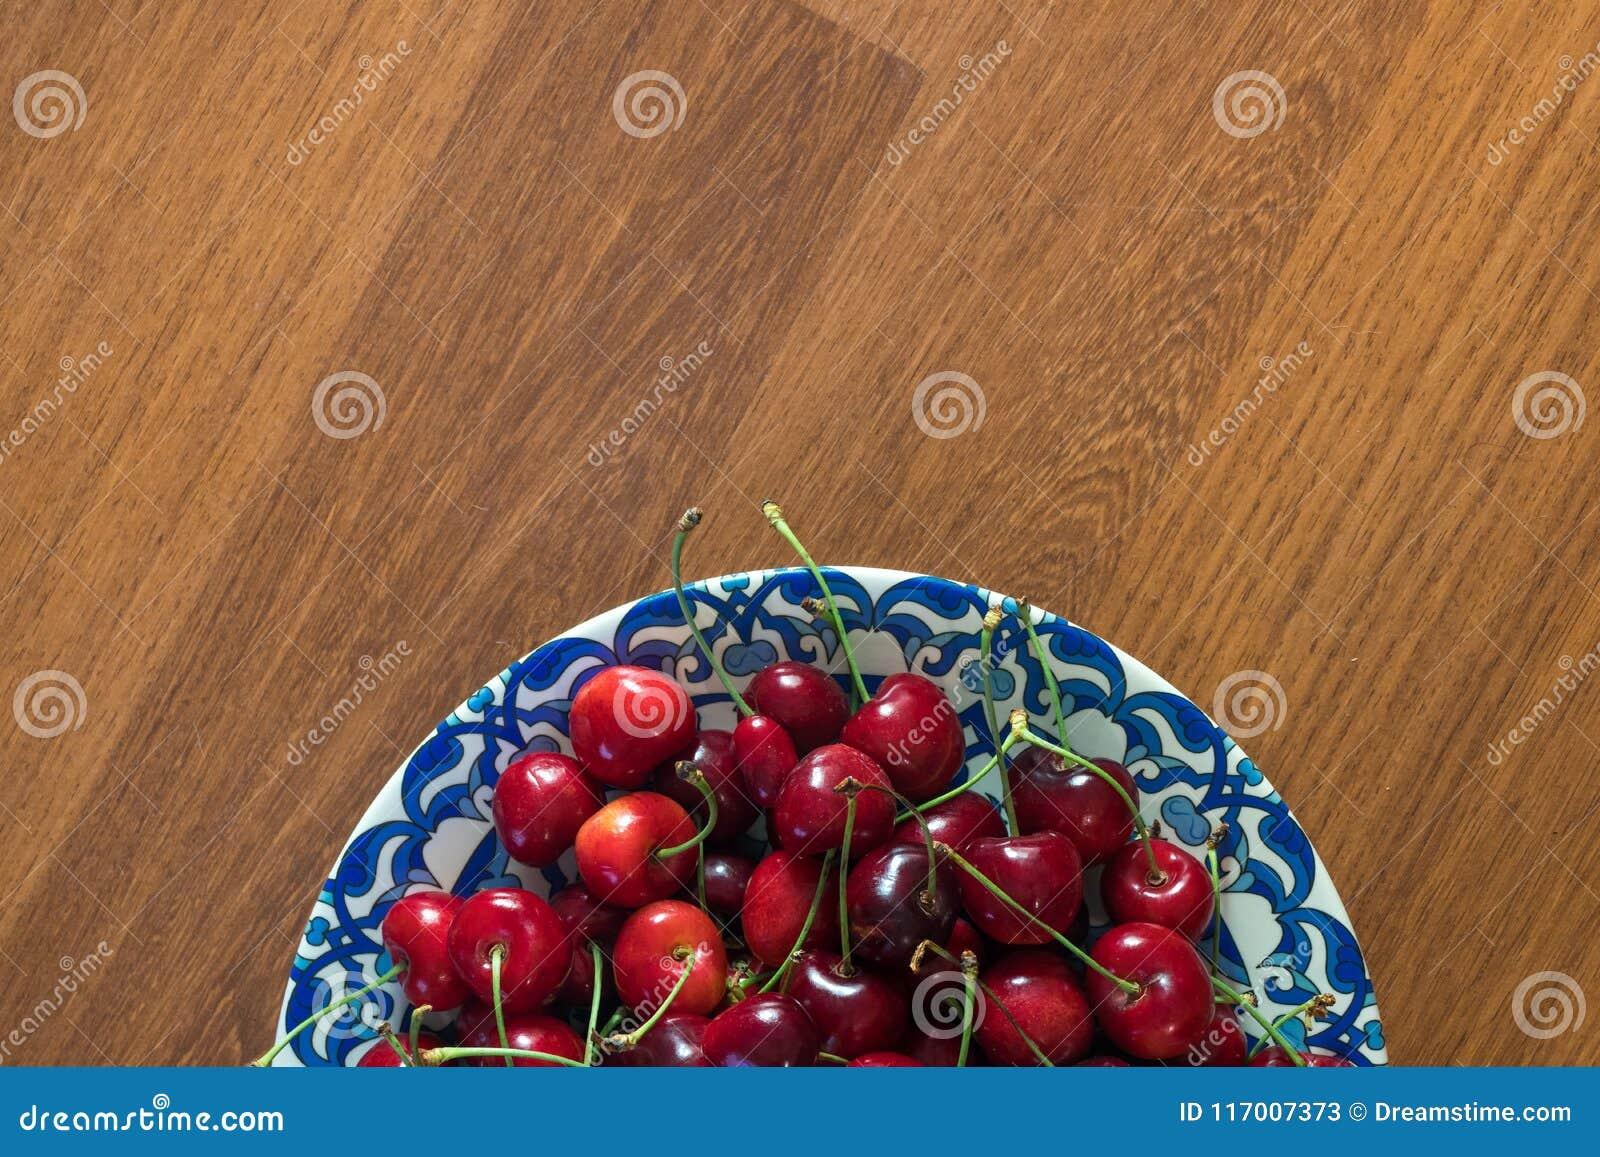 Χαρωπός στο πιάτο στον ξύλινο πίνακα